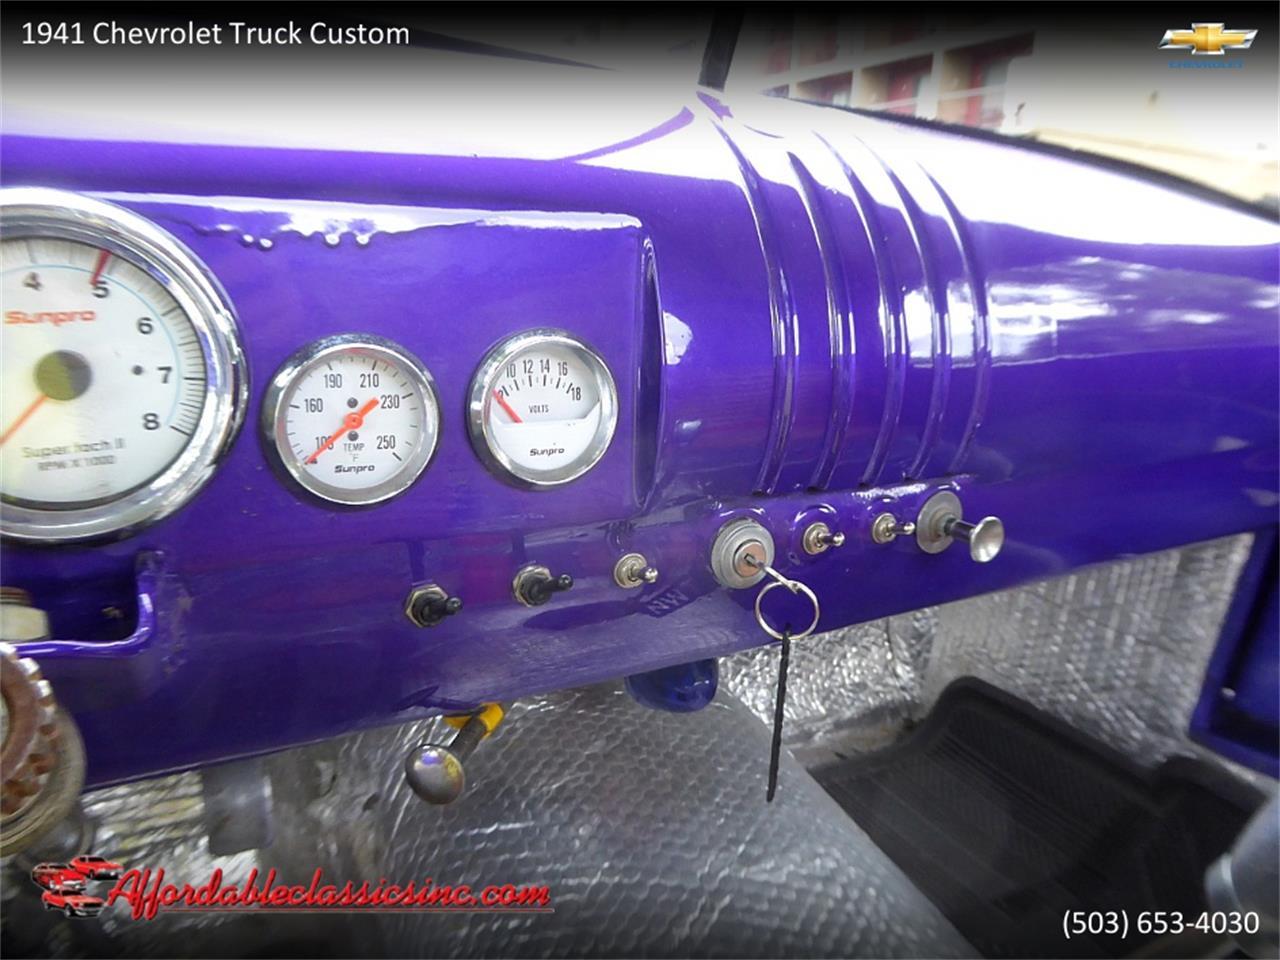 1941 Chevrolet Truck (CC-1391714) for sale in Gladstone, Oregon